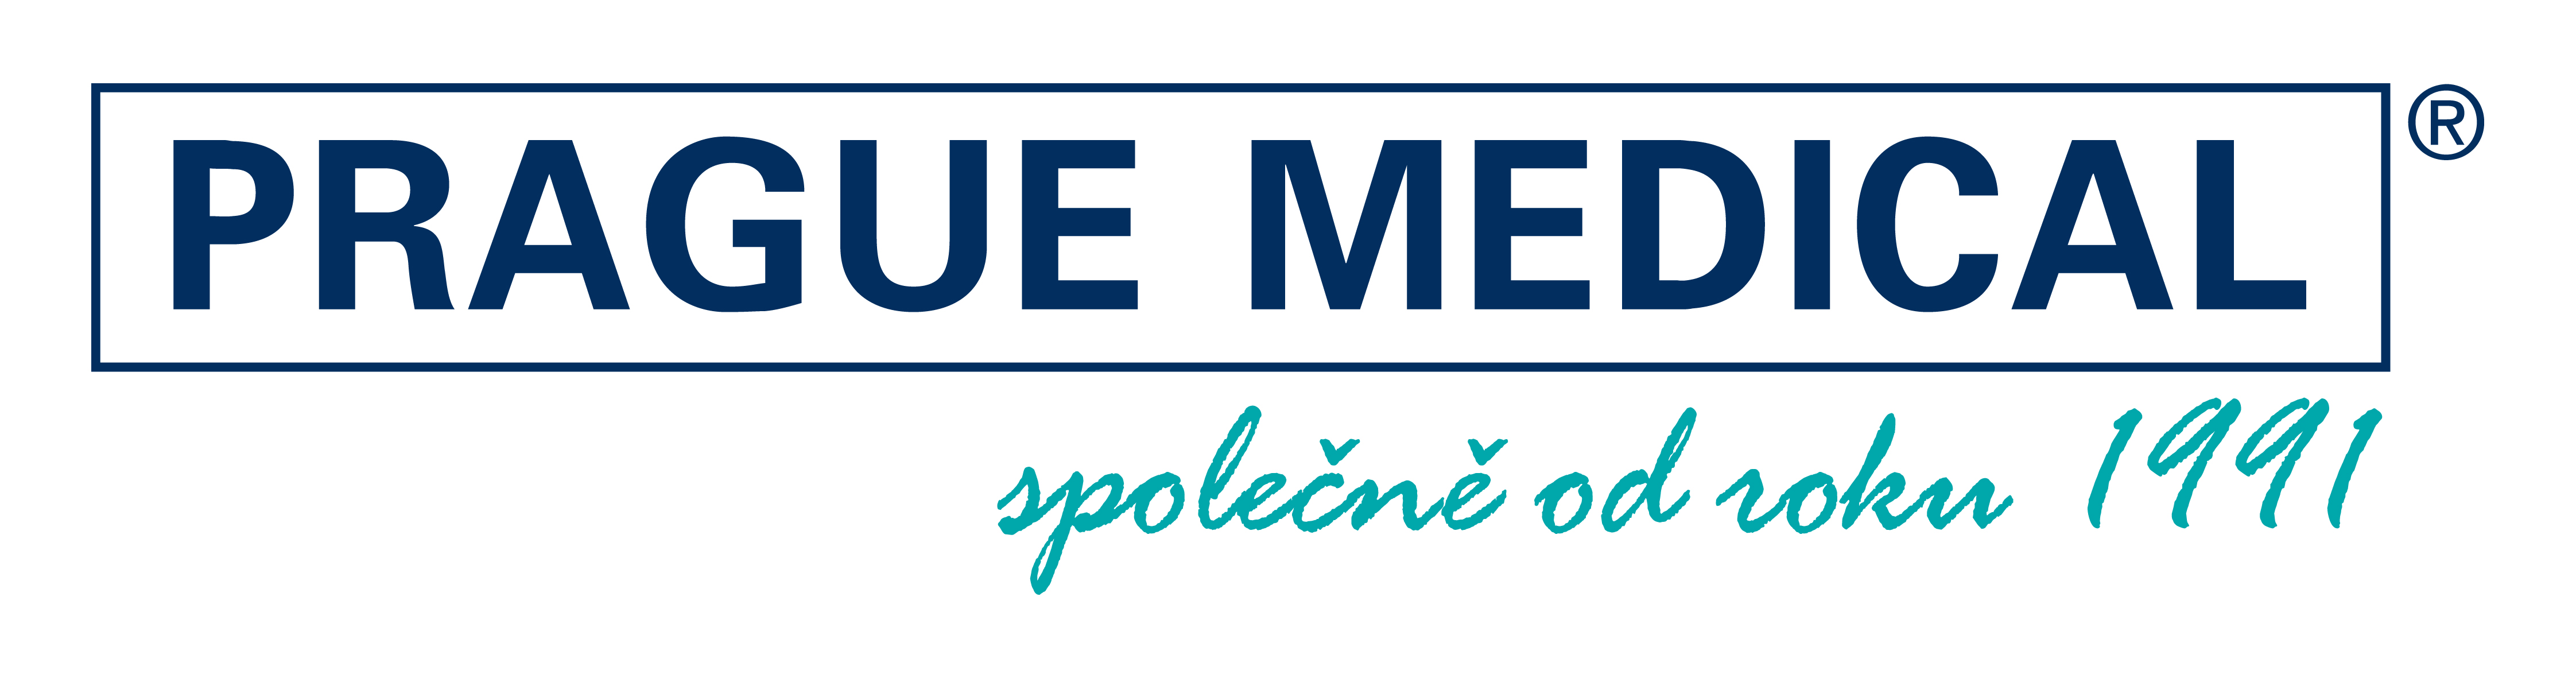 PM_logo_spolecne od roku 1991_Sestava 1